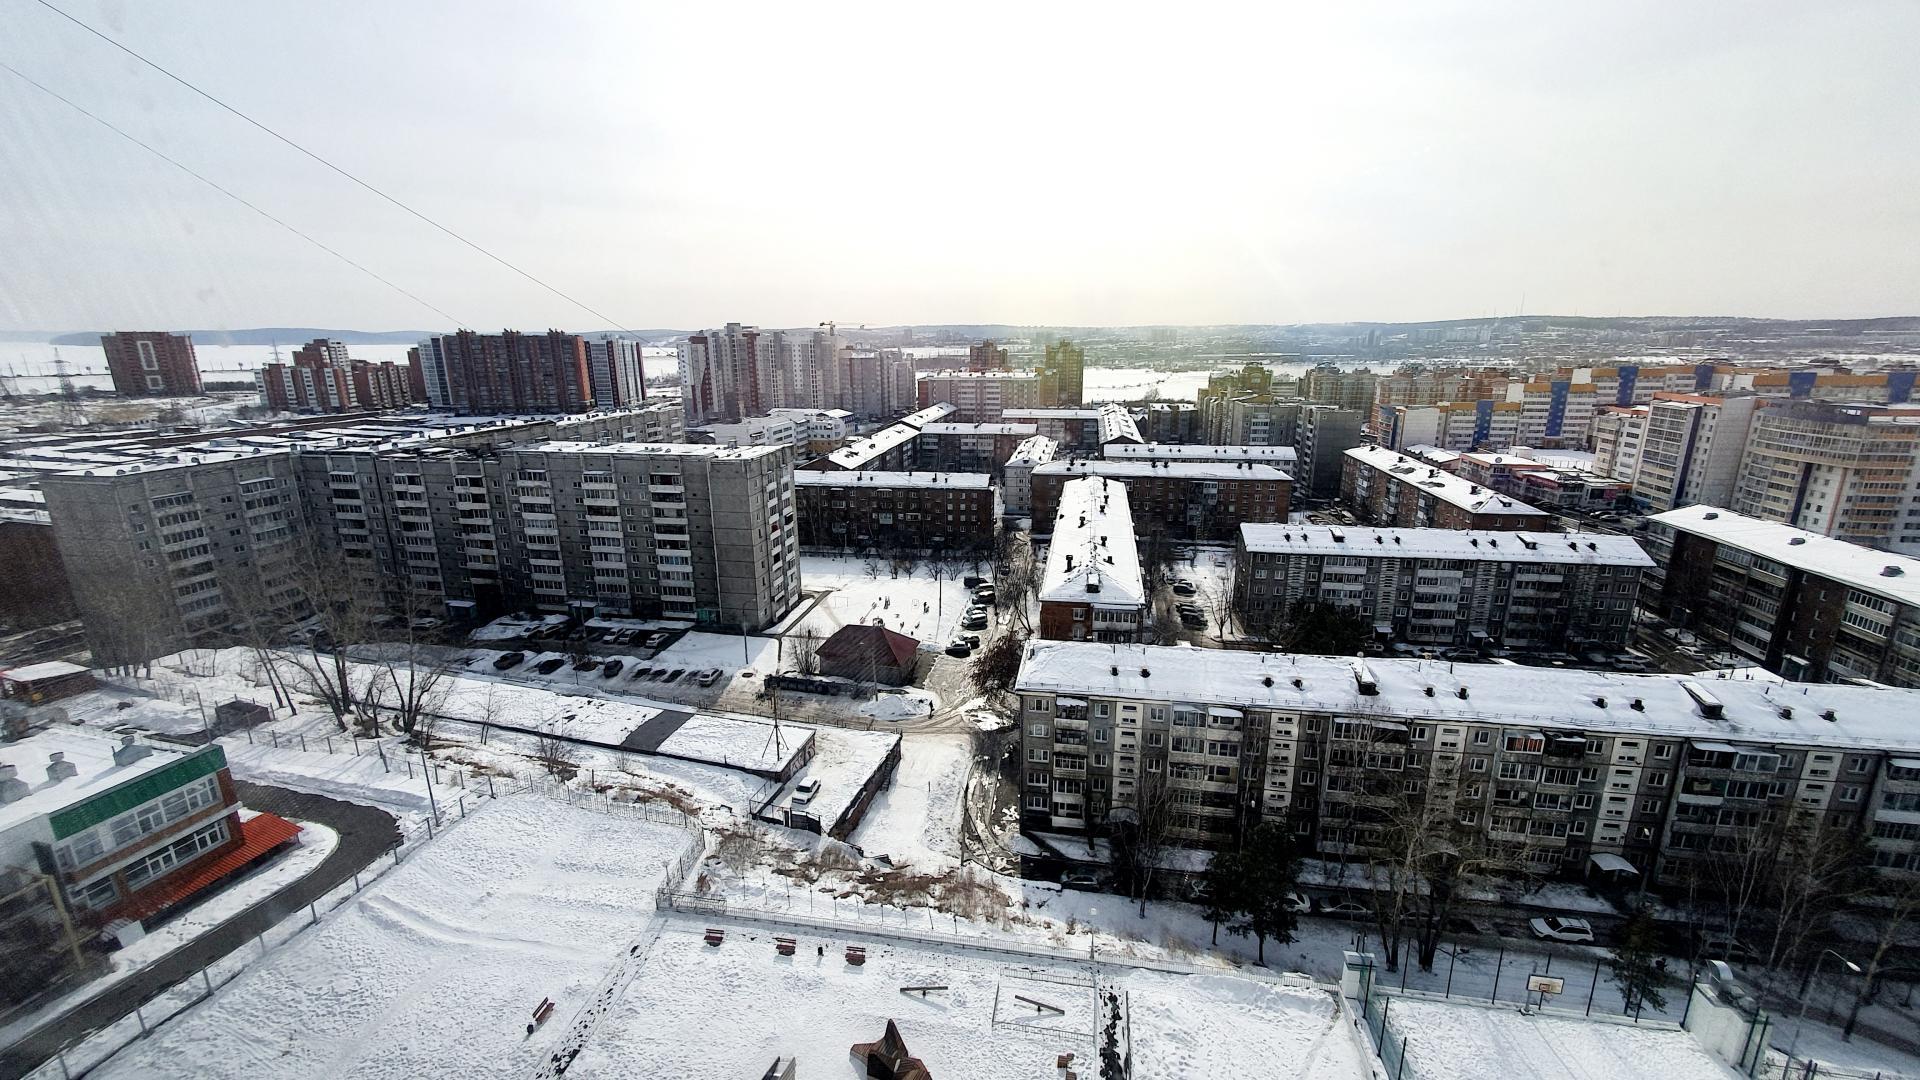 Квартира в аренду по адресу Россия, Иркутская область, городской округ Иркутск, Иркутск, Байкальская улица, 208/2